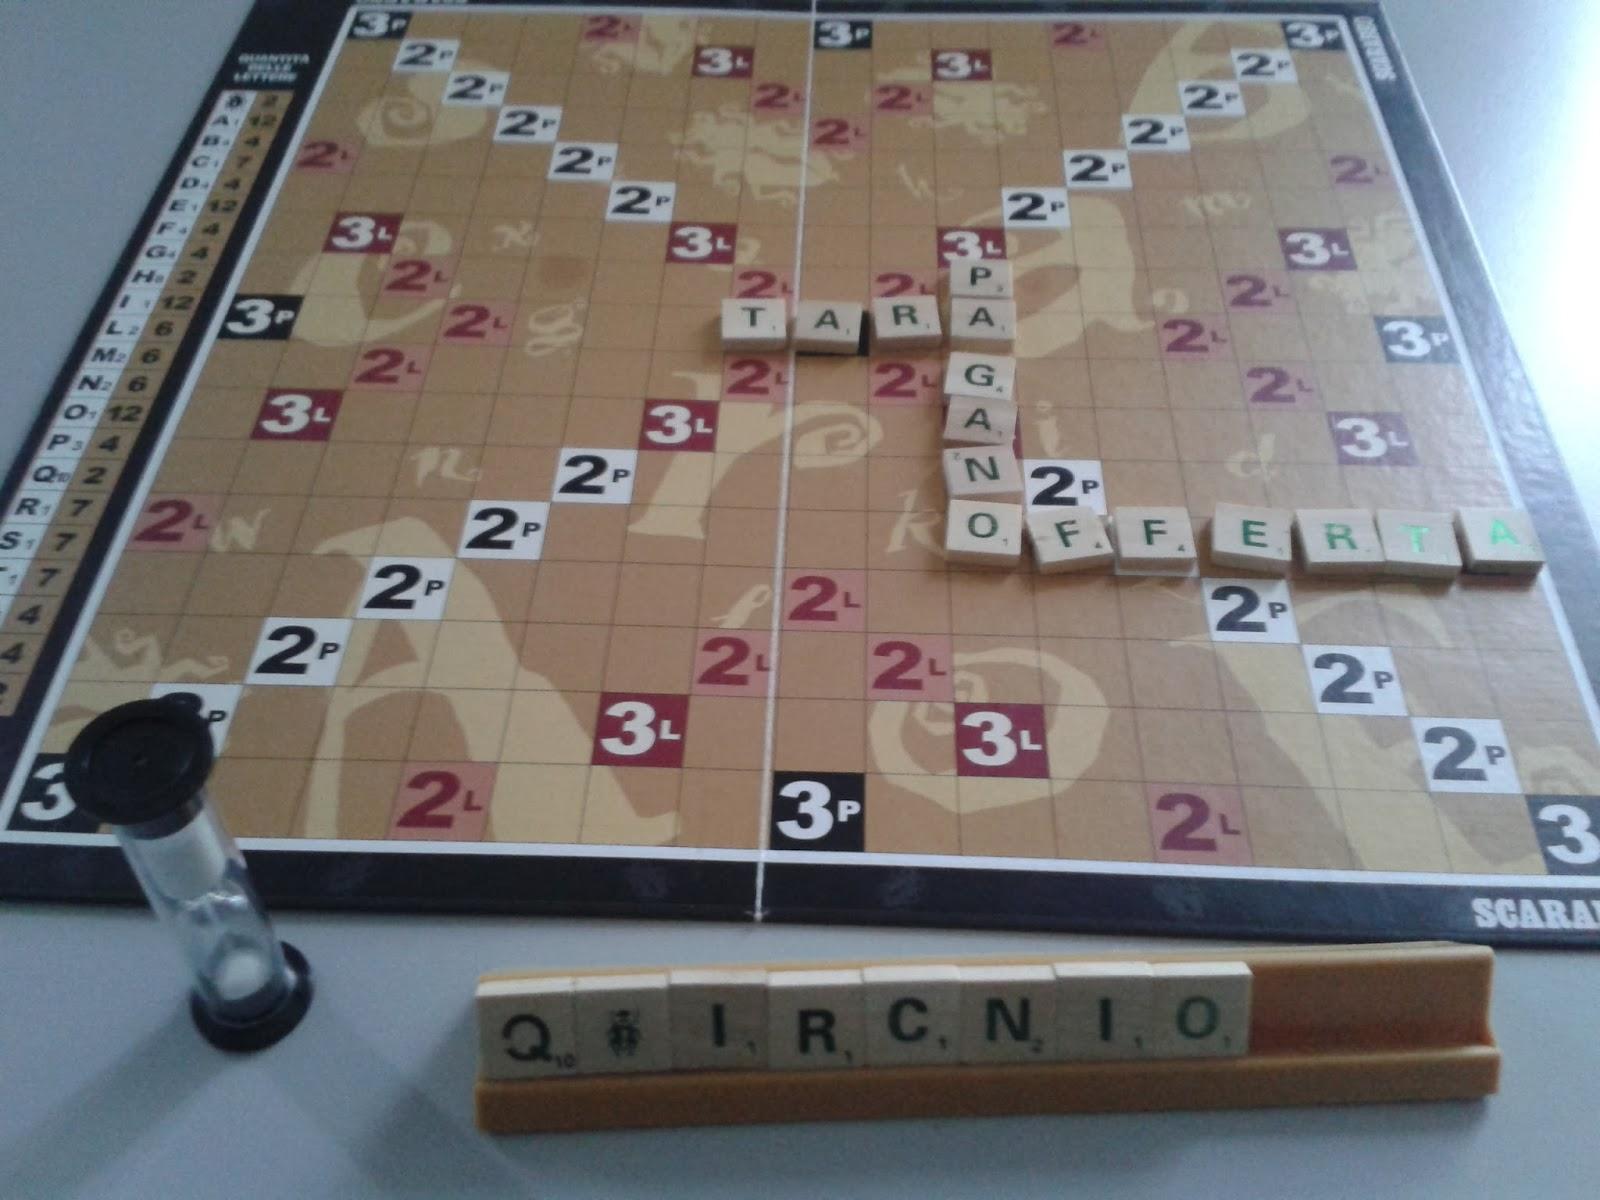 Parade 2 i migliori giochi da tavolo - Scarabeo gioco da tavolo ...